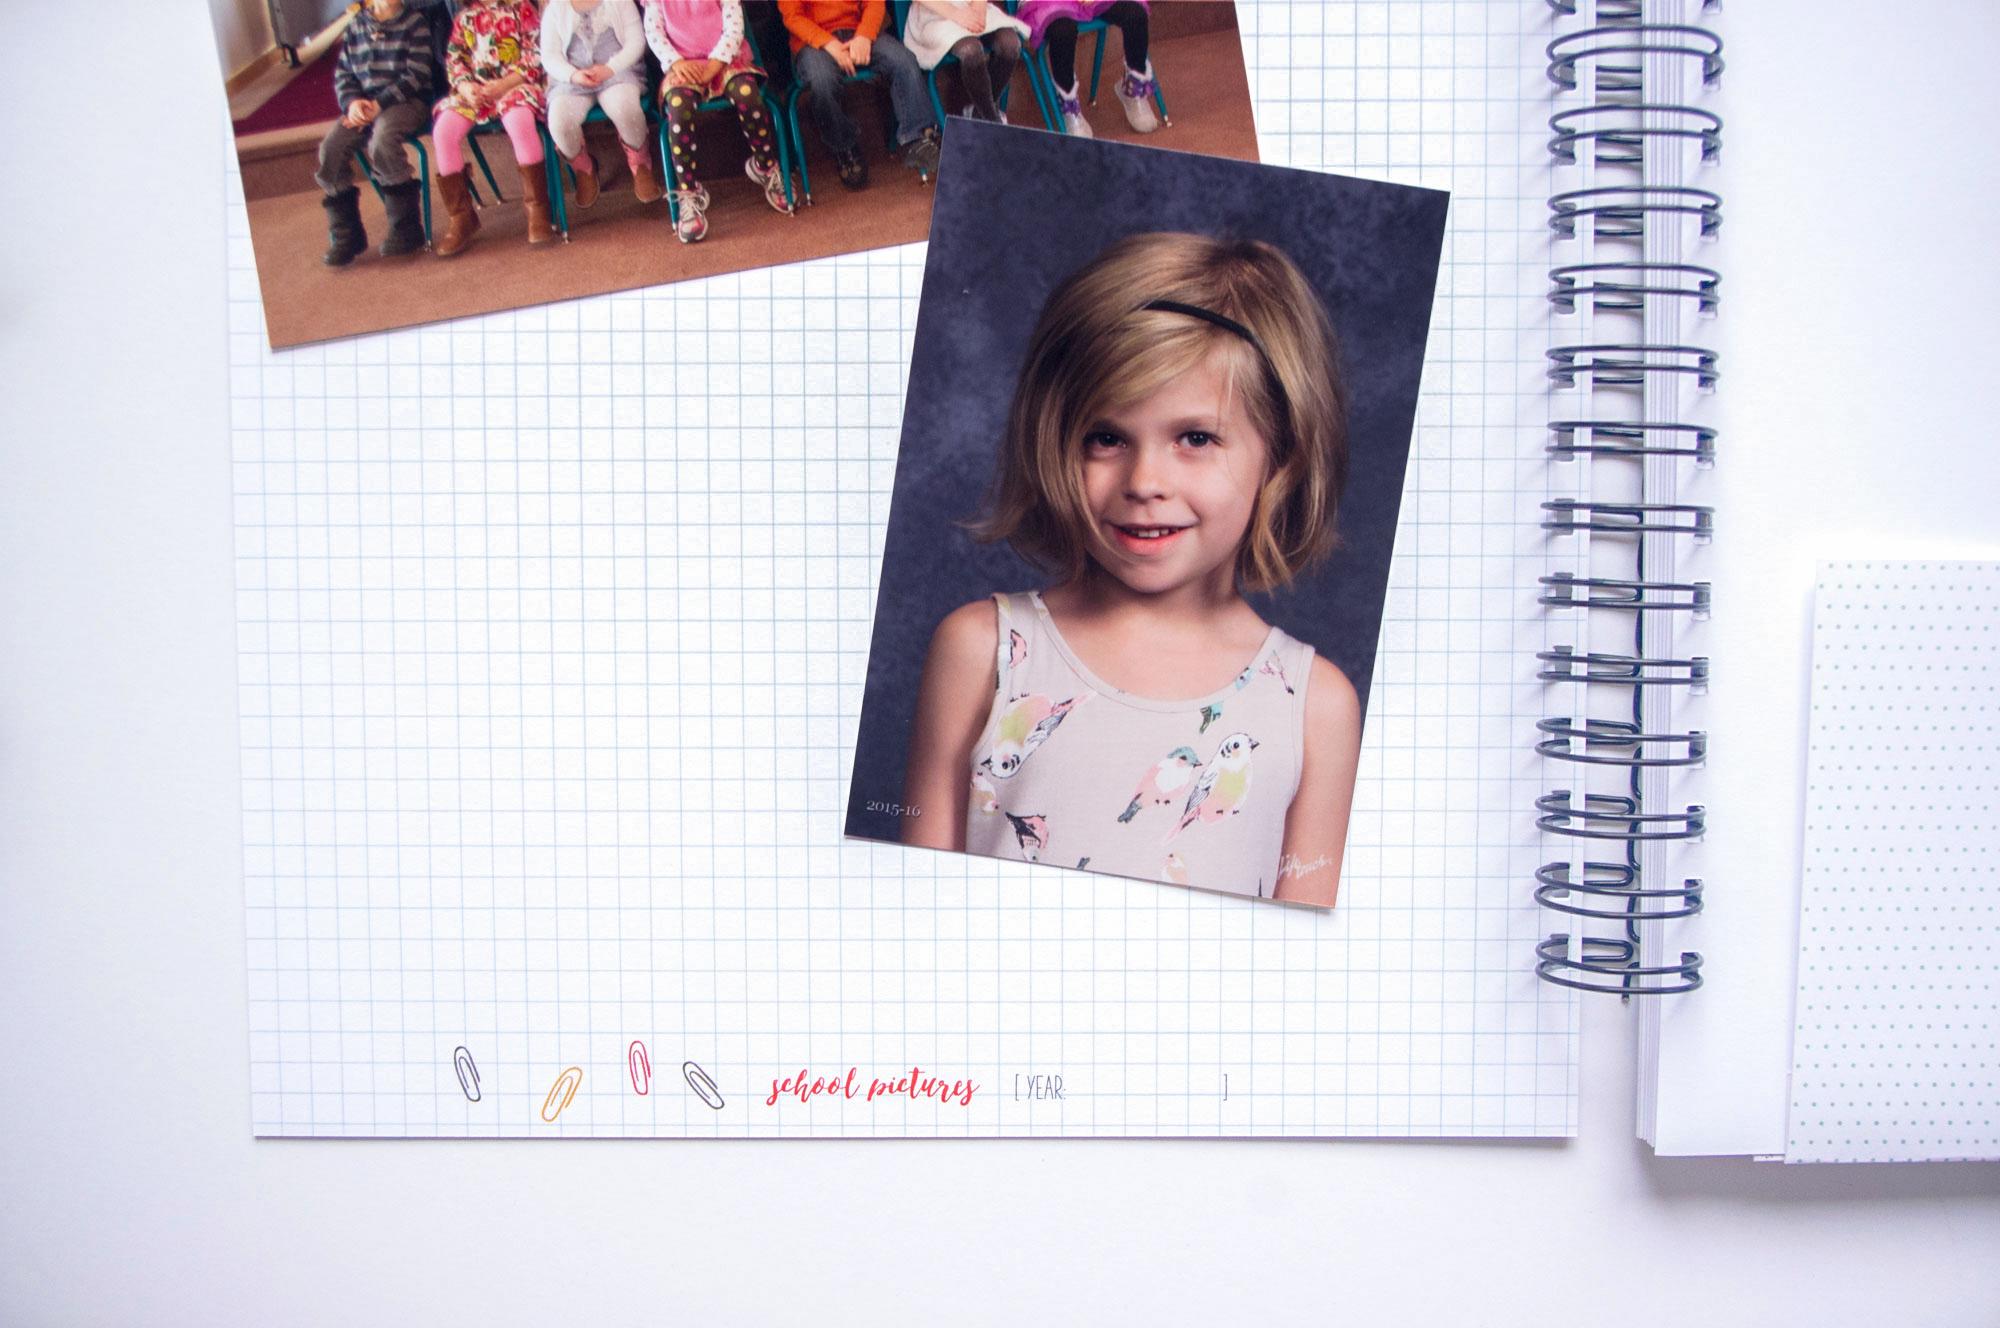 School Years Memory Book, Back to School, School Years Scrapbook, School Album, School Journal, Preschool through 12th Grade Book